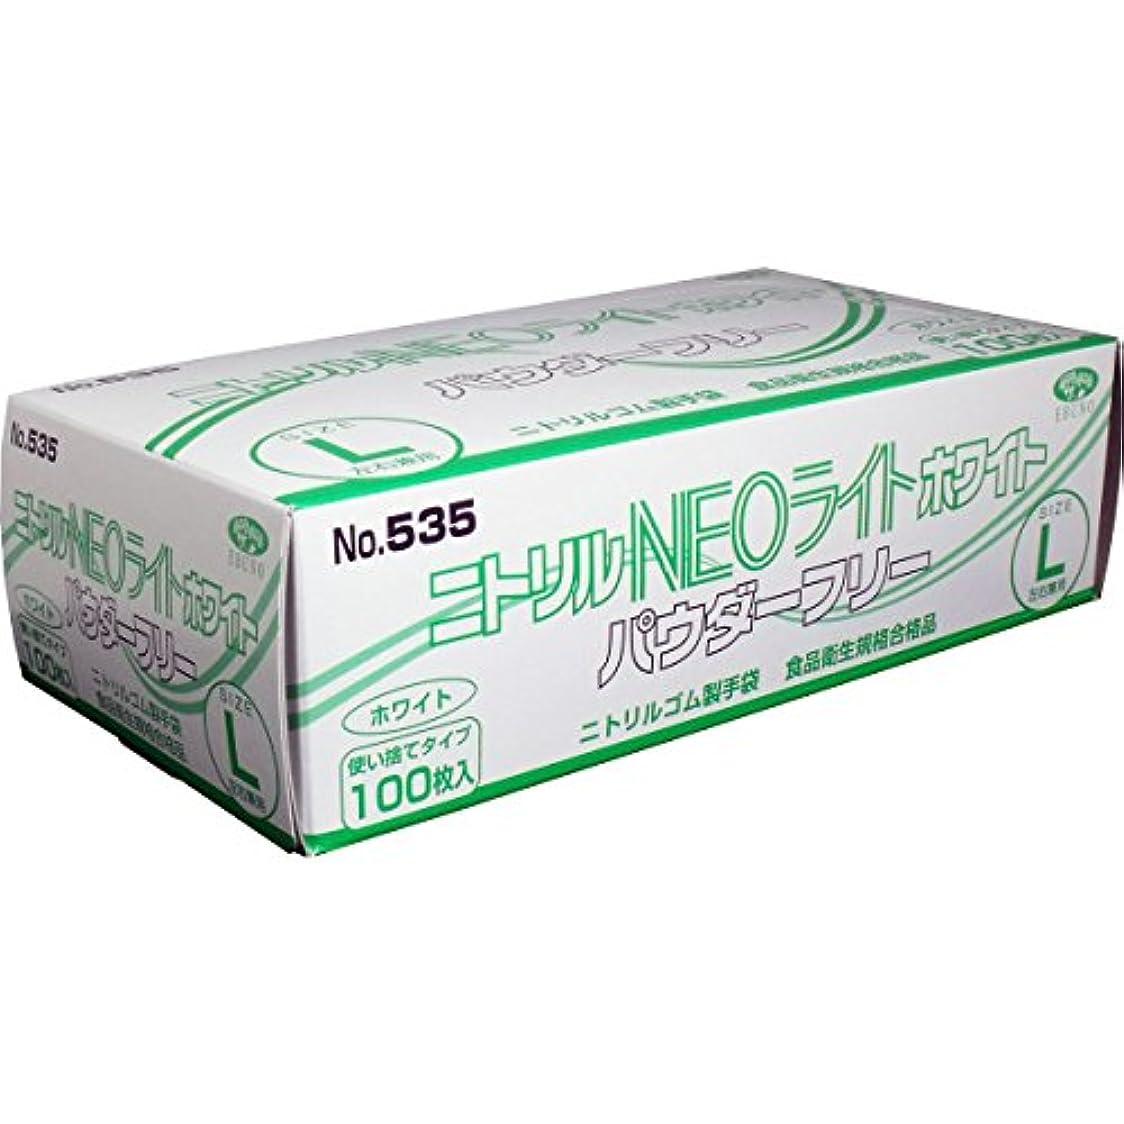 ニトリル手袋 NEOライト パウダーフリー ホワイト Lサイズ 100枚入×10個セット